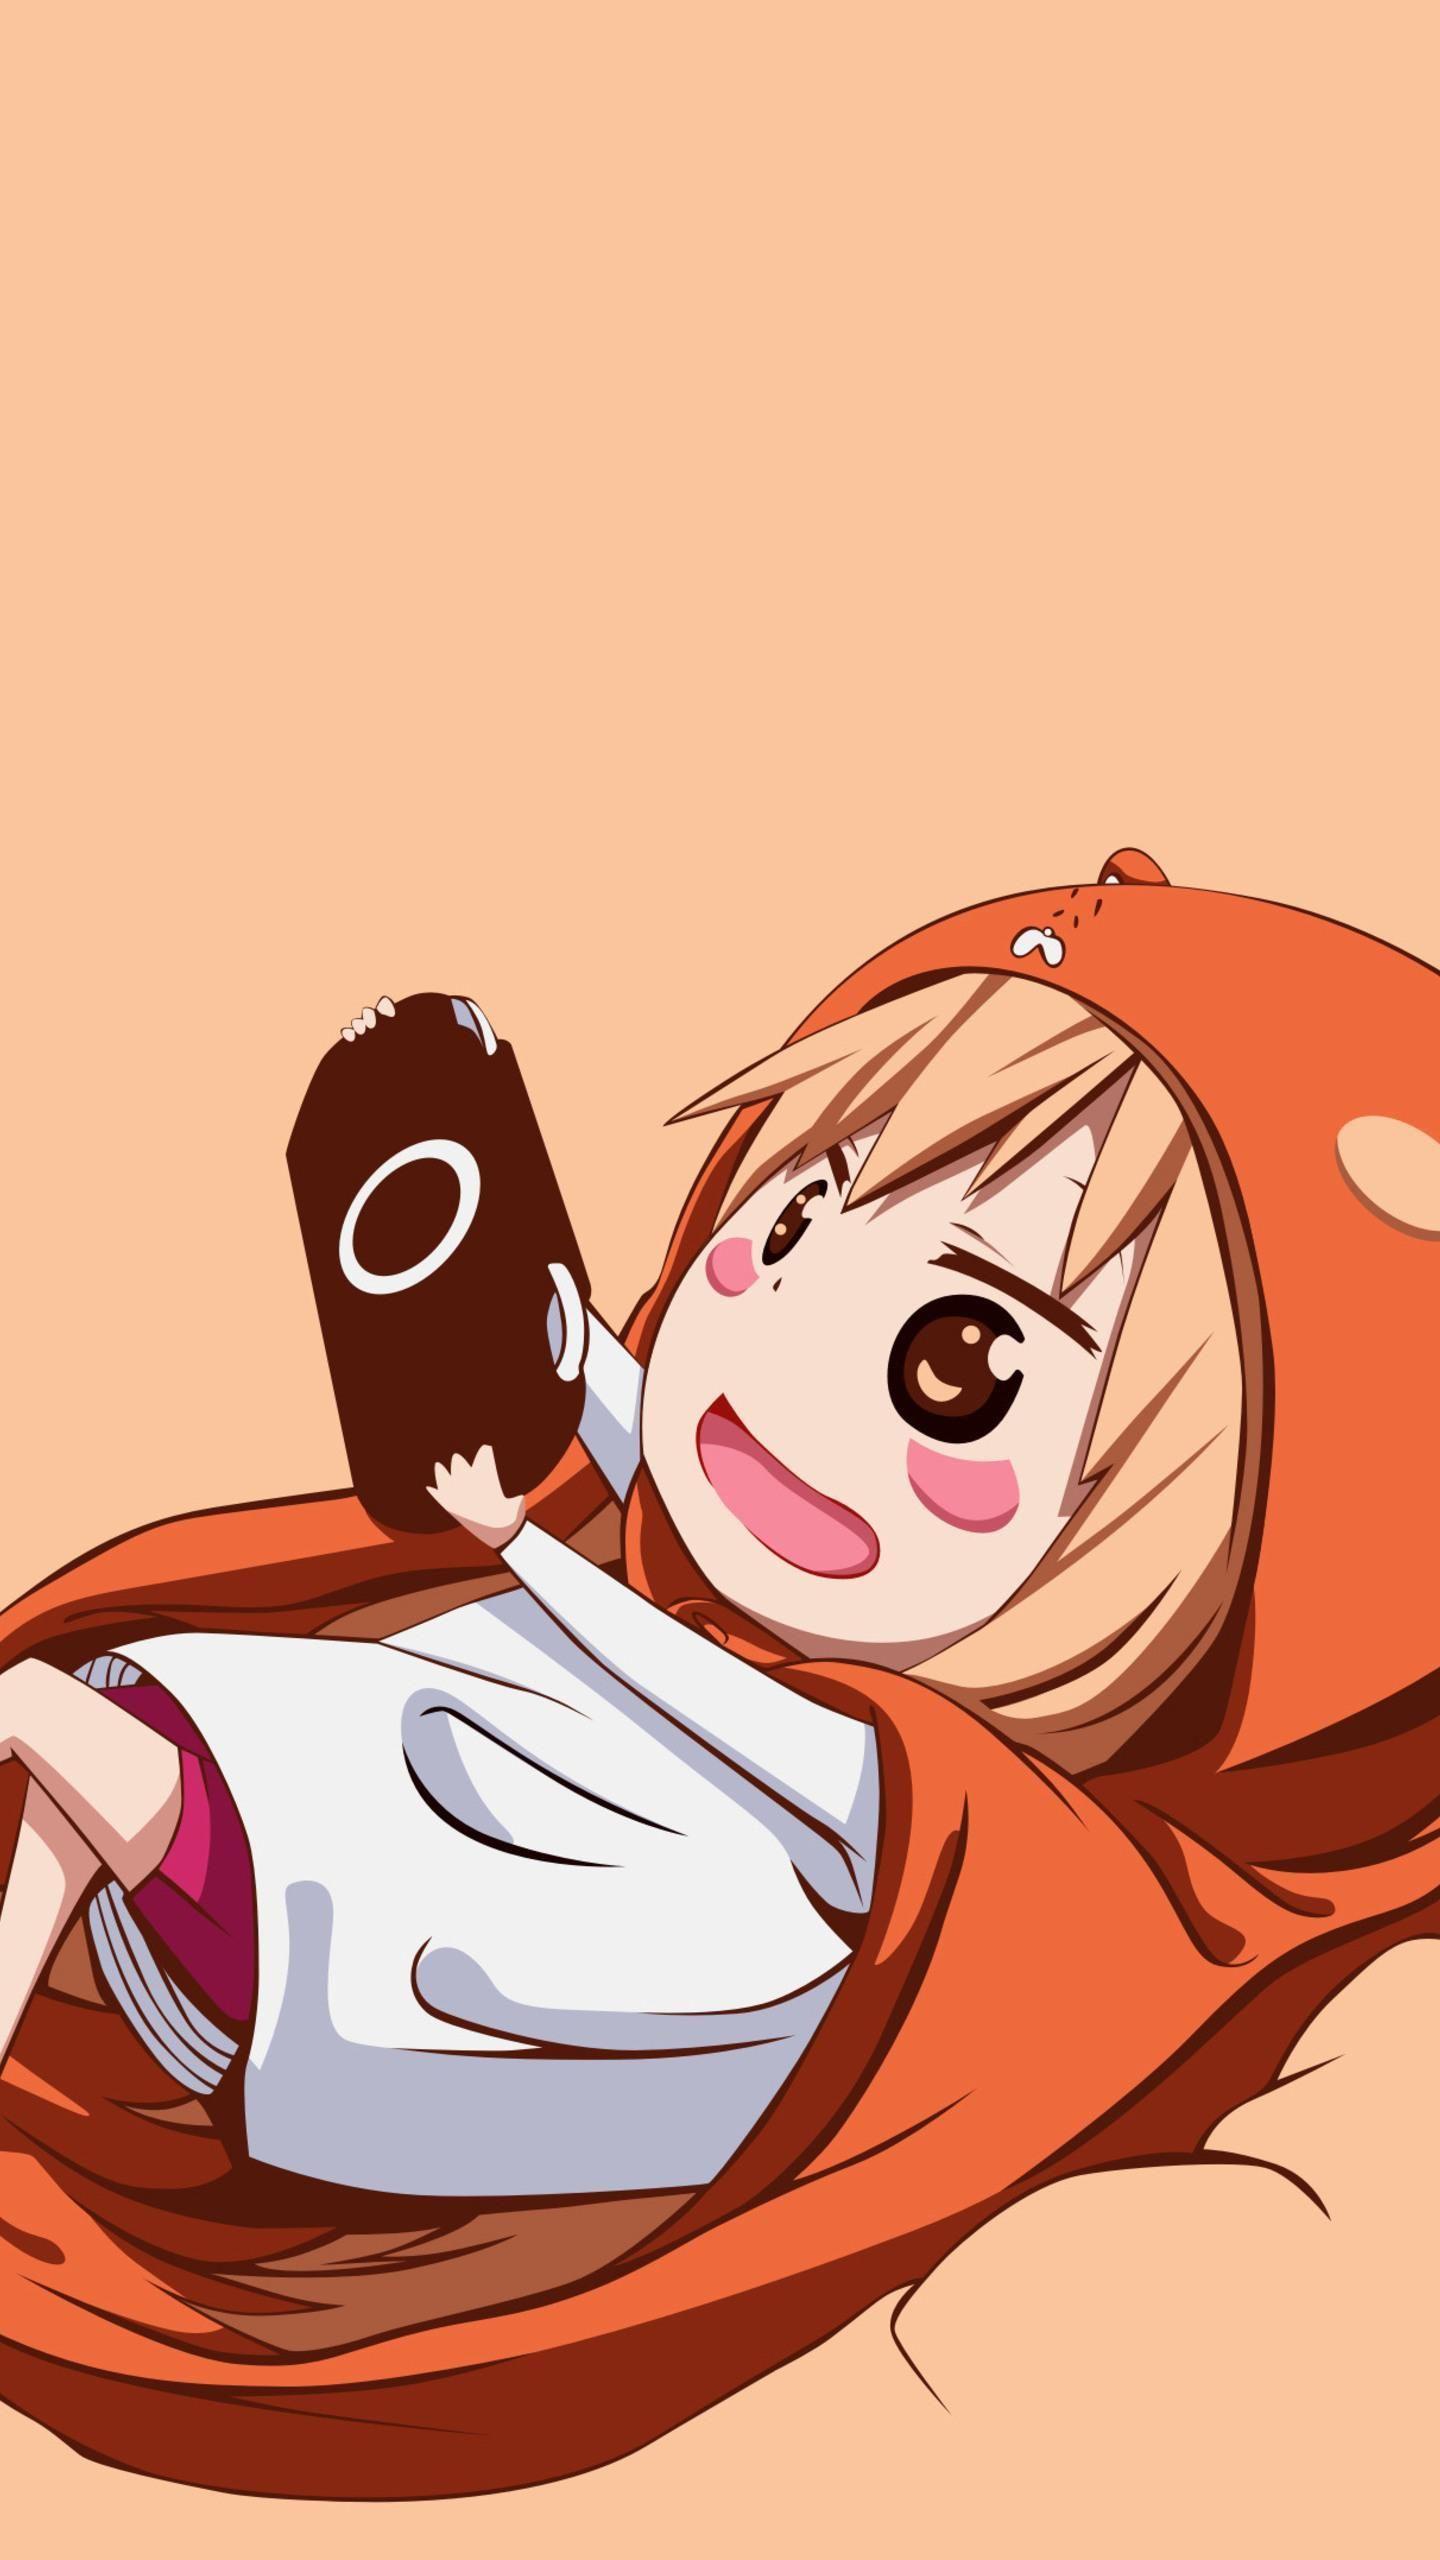 35 Gambar Wallpaper Hd Anime Lucu Terbaru 2020 Dengan Gambar